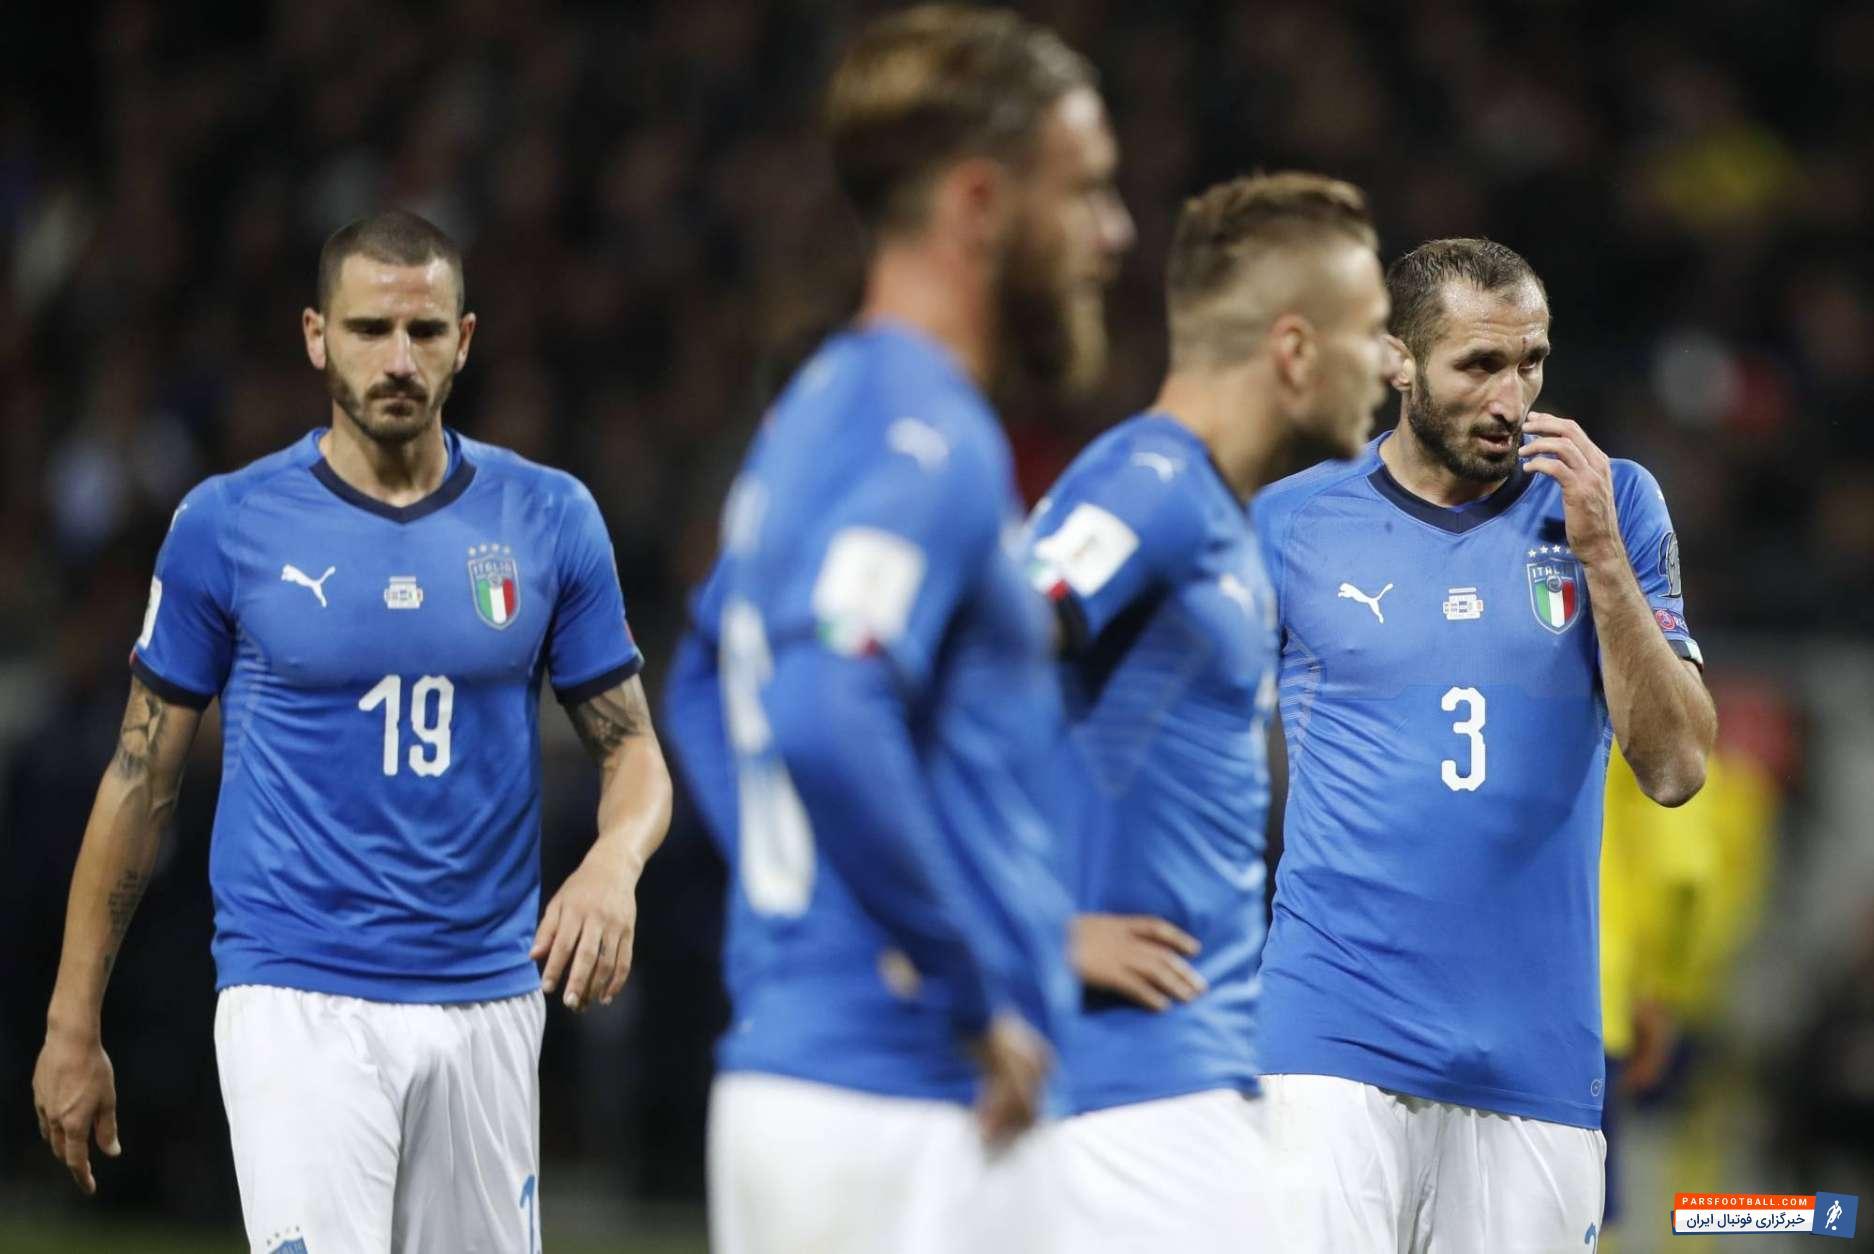 ایتالیا و کار قشنگ فدراسیون فوتبال ایتالیا برای گرامیداشت یاد و خاطره داویده آستوری